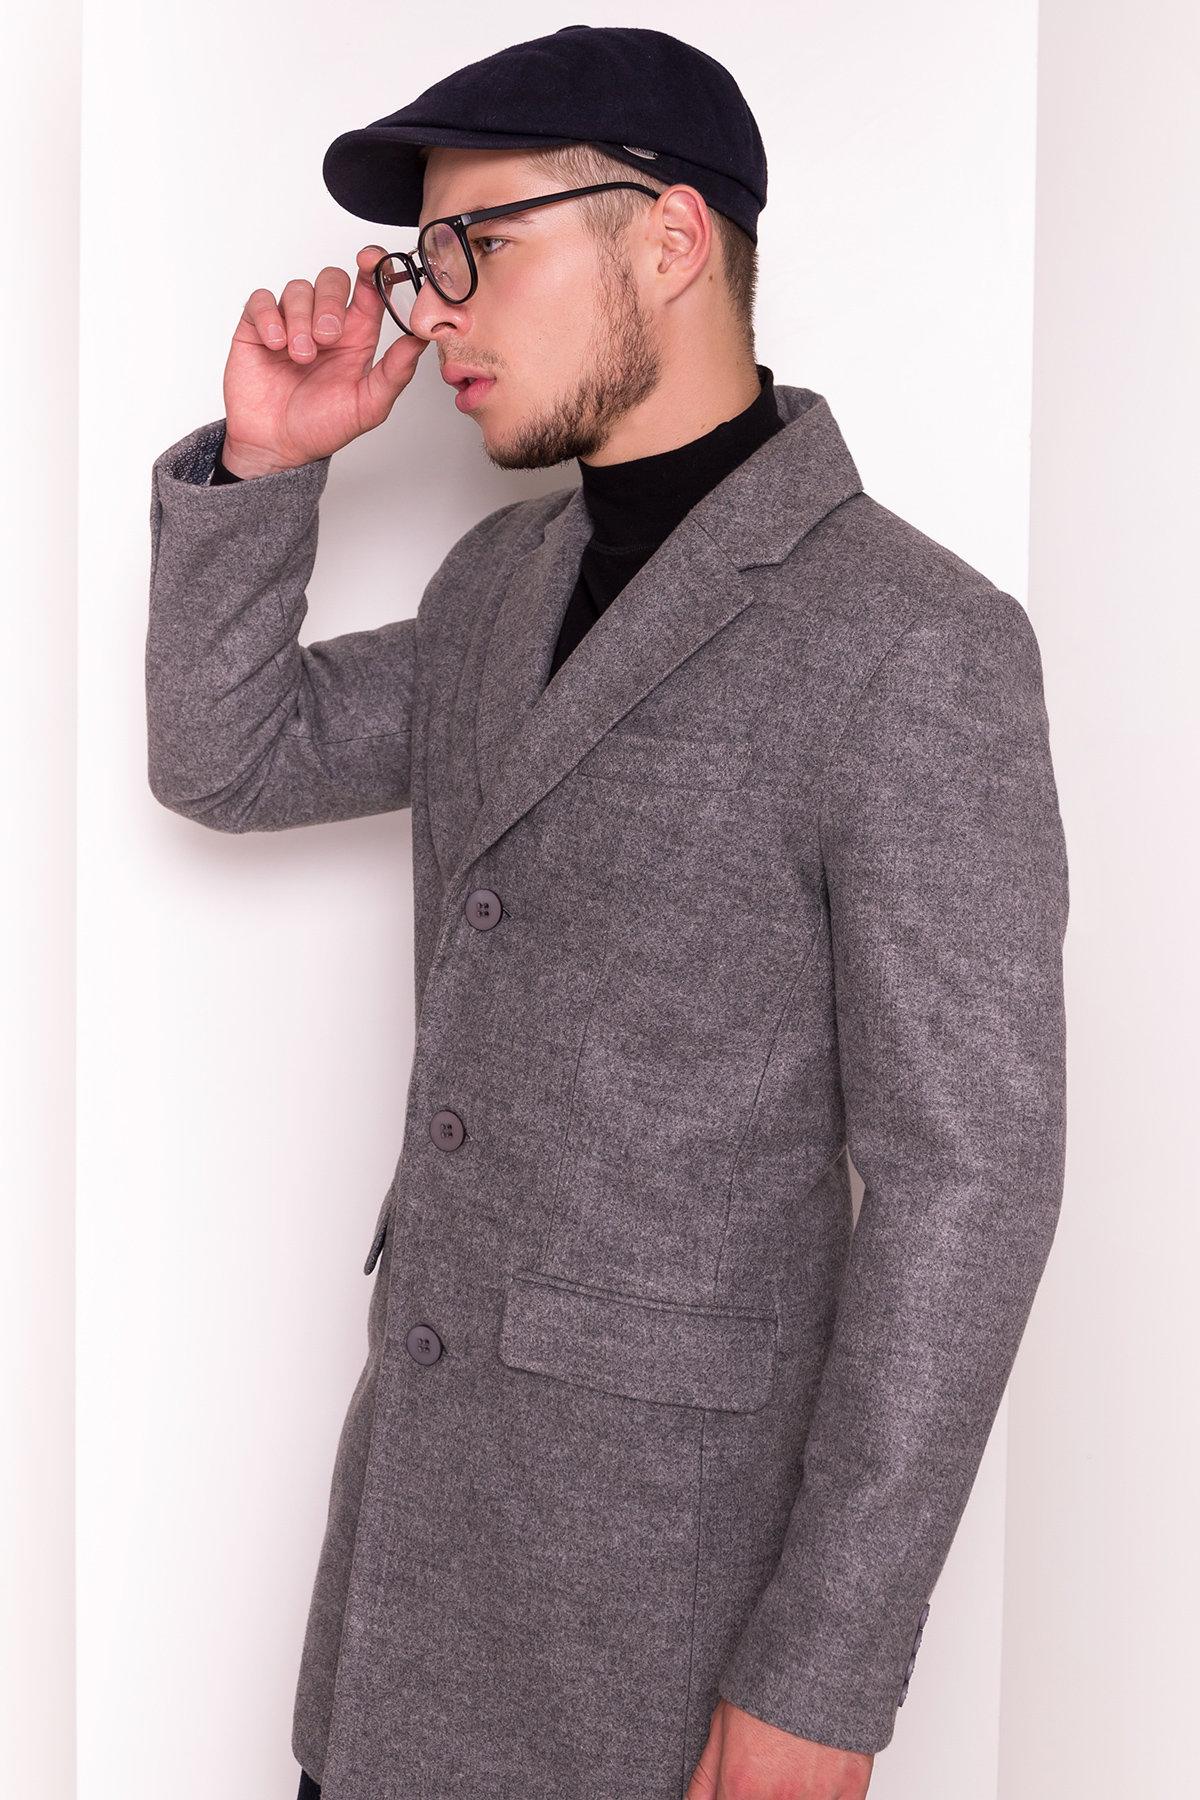 Пальто мужское Пако 5235 АРТ. 36435 Цвет: Серый - фото 4, интернет магазин tm-modus.ru